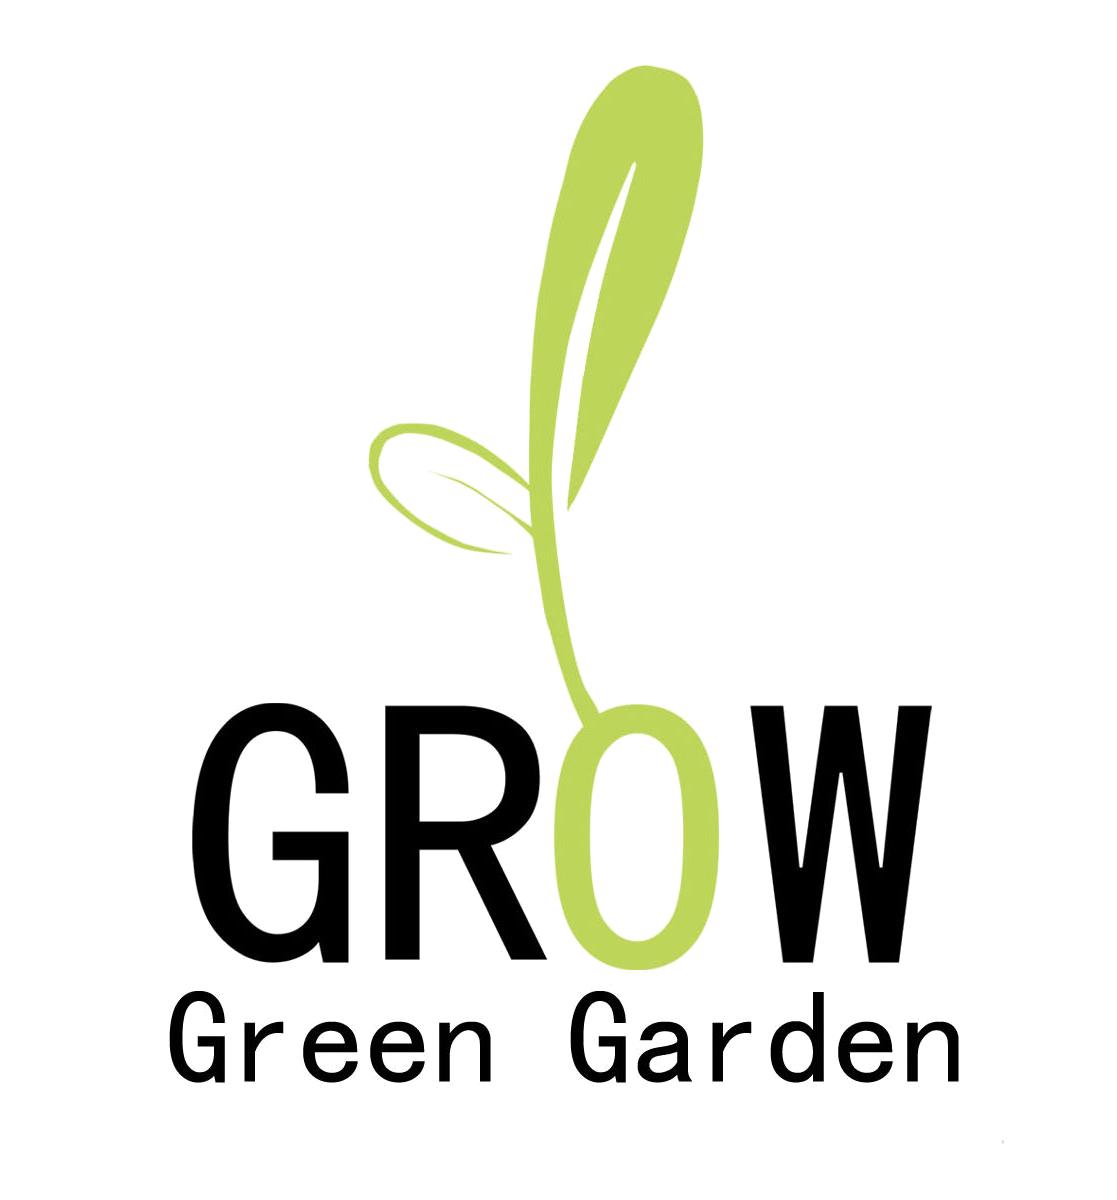 植物墙,屋顶绿化,墙体绿化,垂直绿化,立体绿化